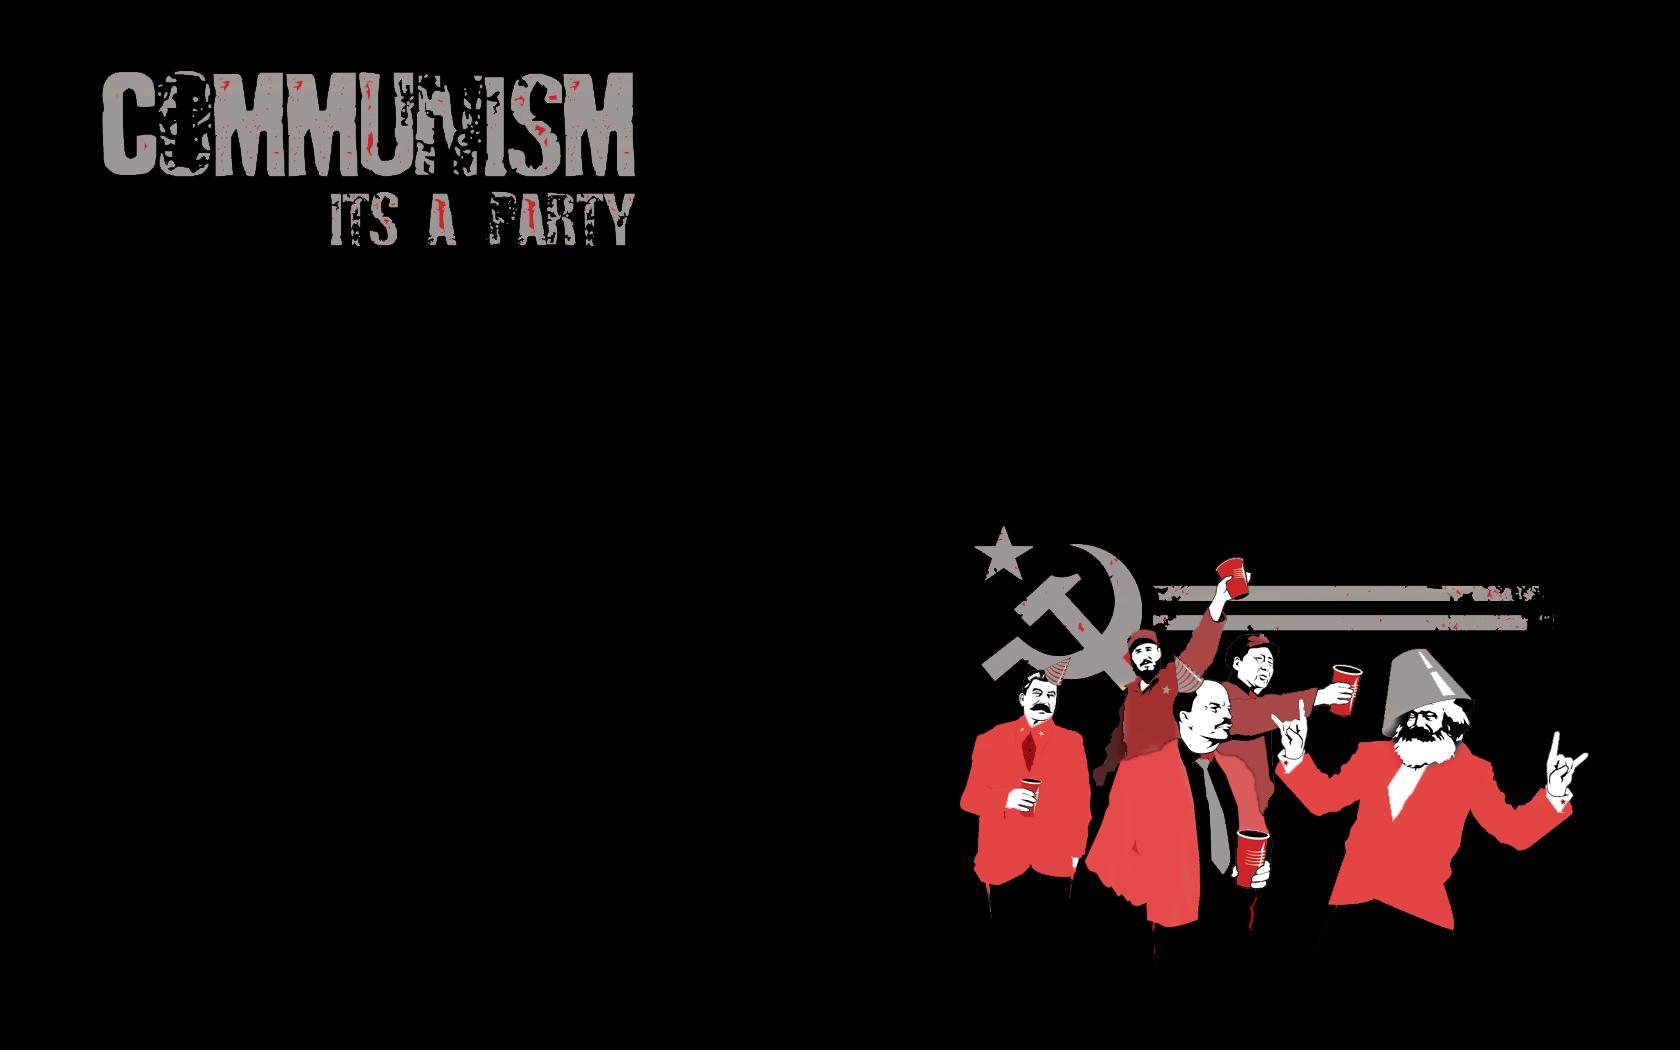 Communist Wallpaper - WallpaperSafari